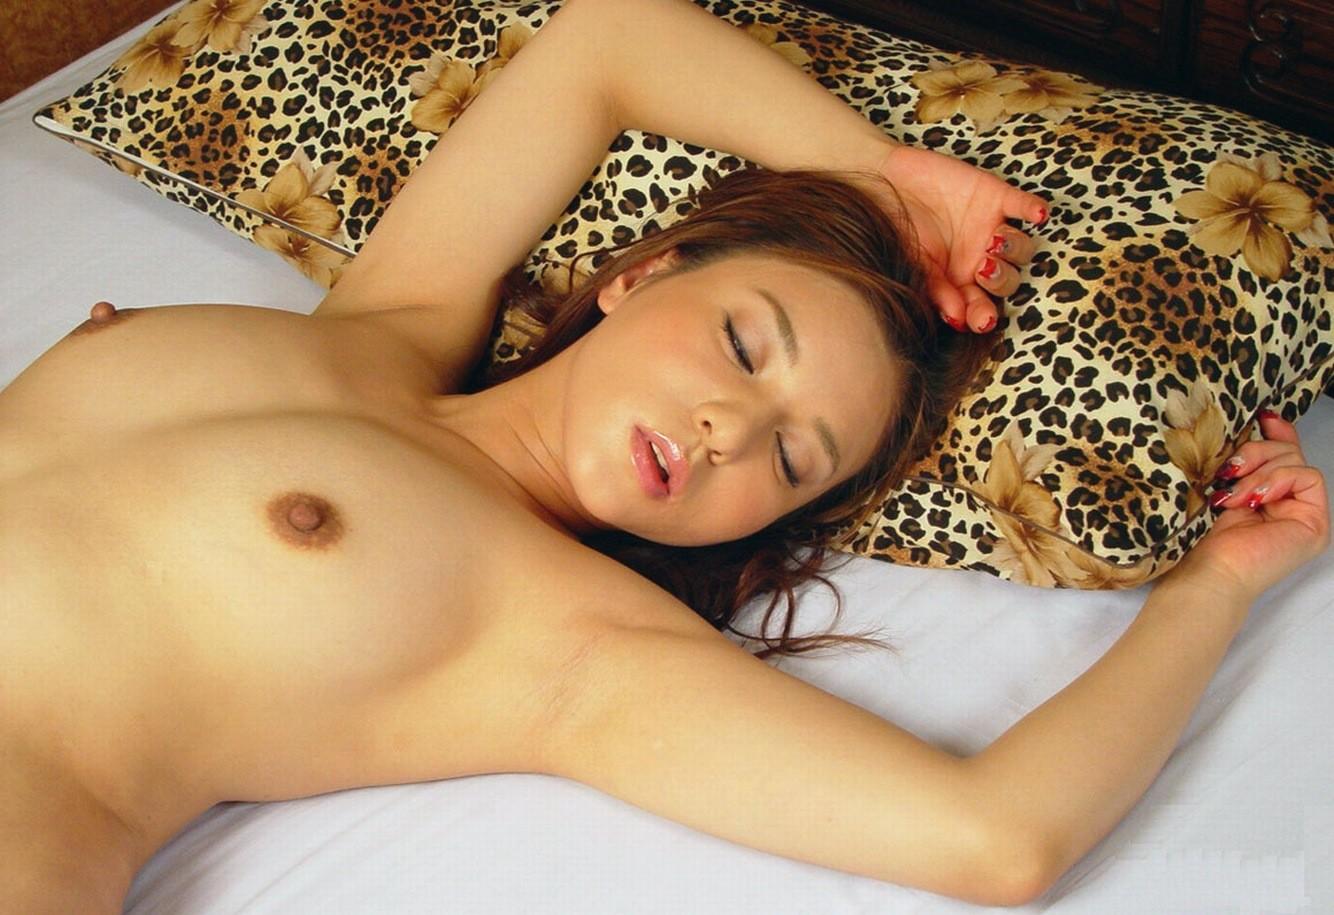 【腋フェチエロ画像】おっぱいが綺麗だと腋のイヤらしさも引き立って絶景だよねwww 07